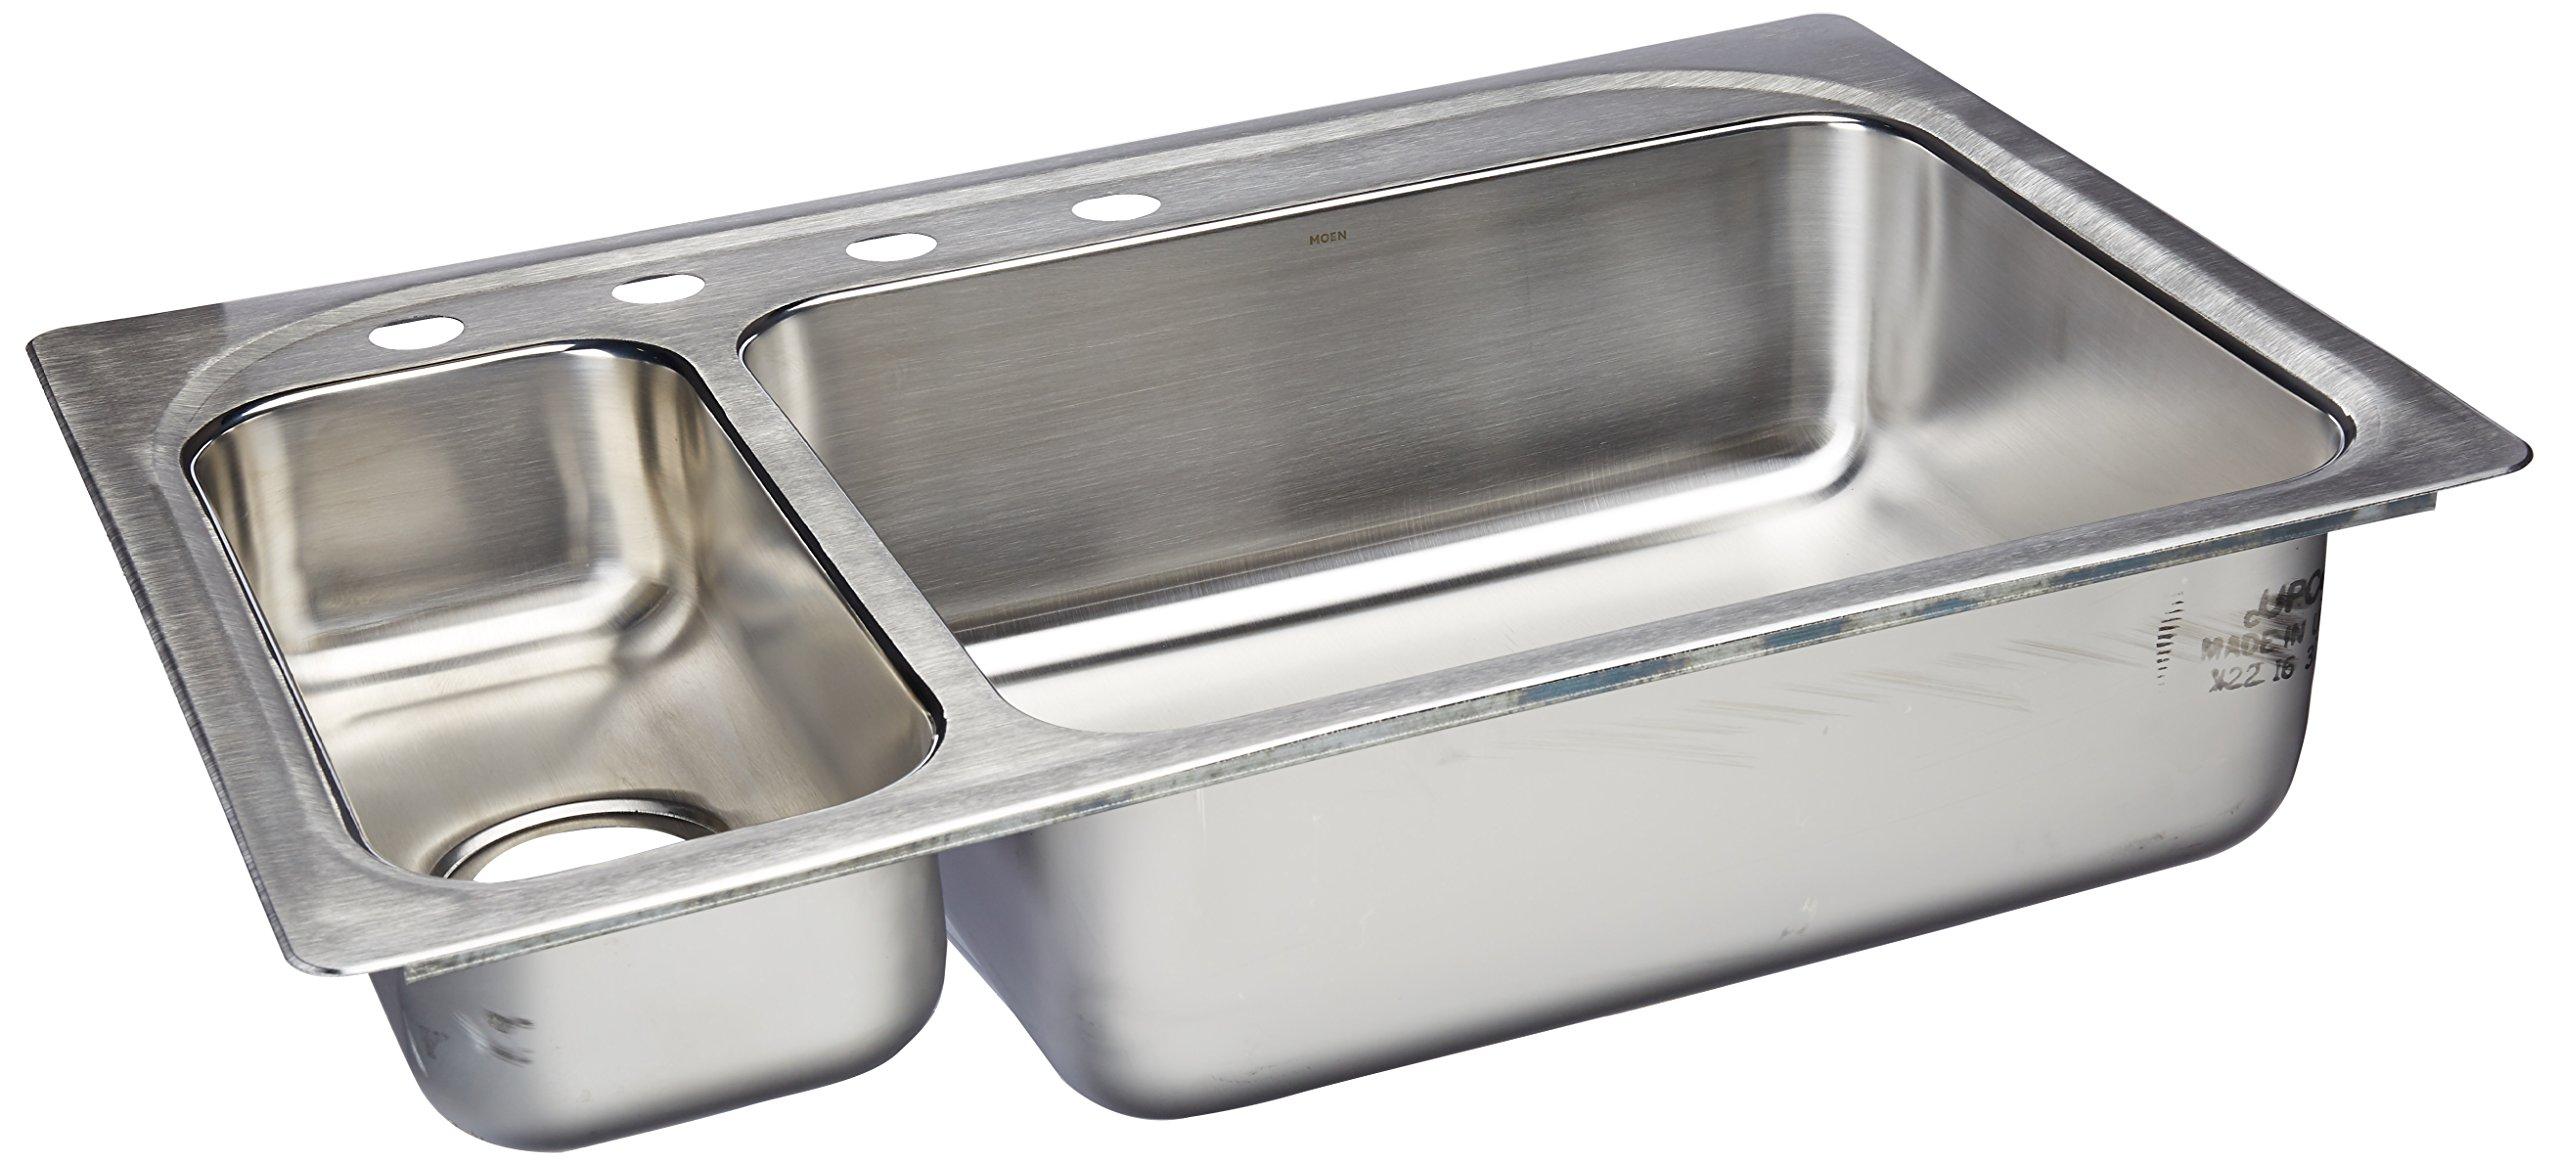 Moen G202864 2000 Series 20 Gauge Double Bowl Drop in Sink, Stainless Steel